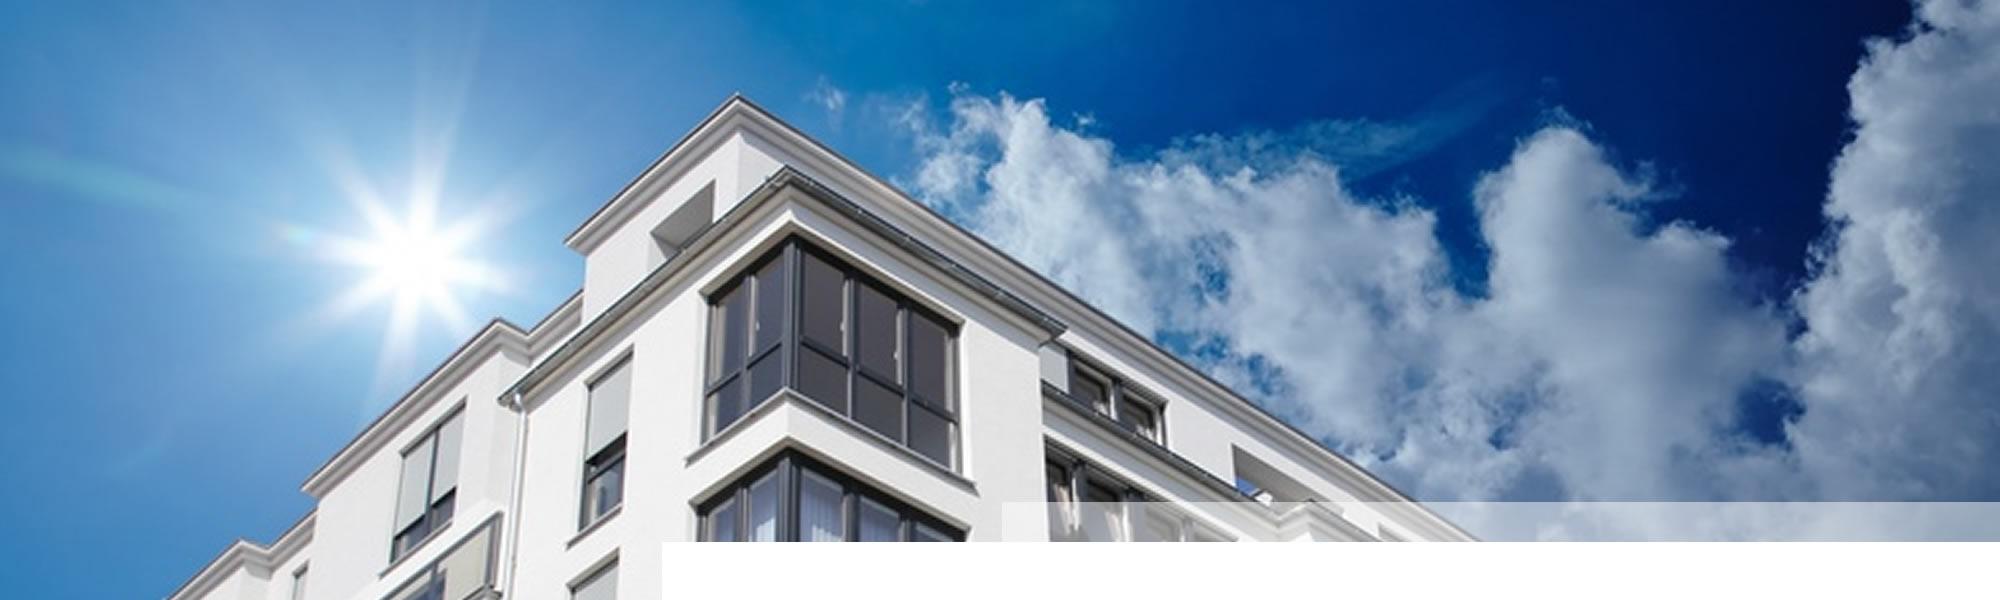 heisterkamp immobilien bochum axel heisterkamp immobilienmakler. Black Bedroom Furniture Sets. Home Design Ideas